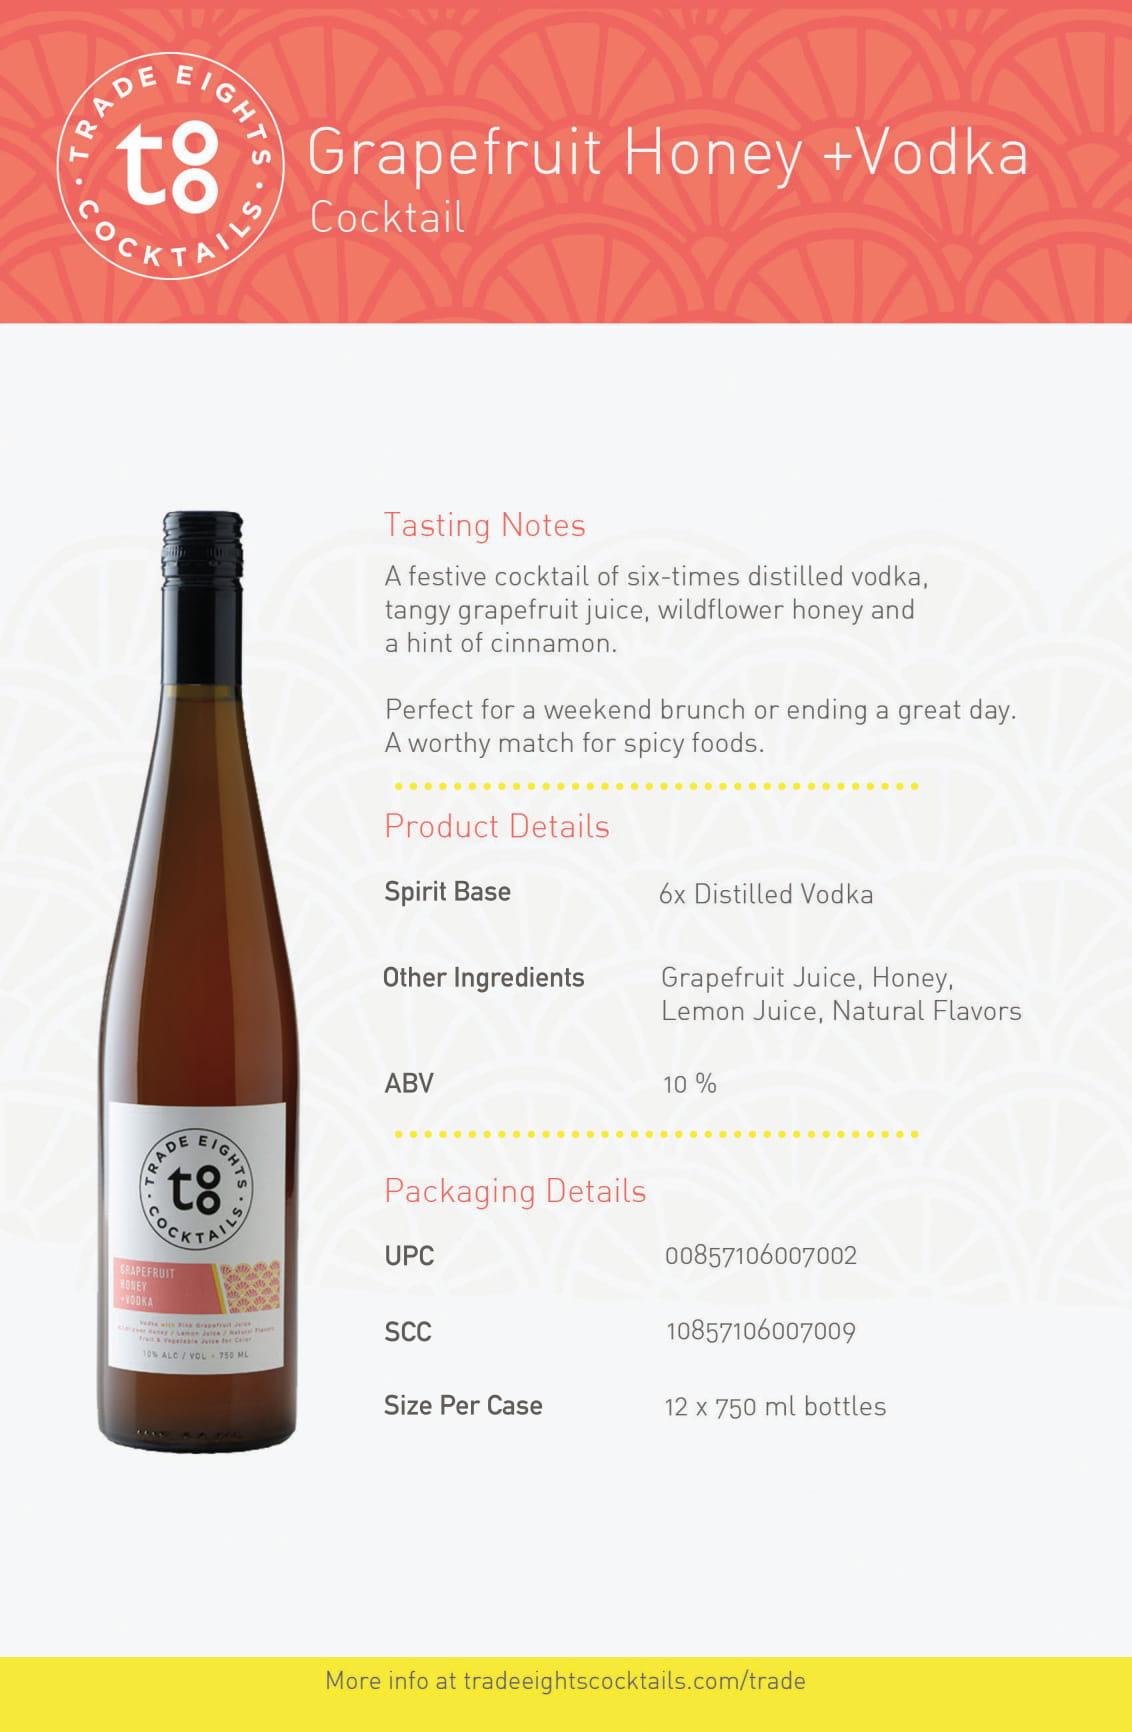 Trade Eights Grapefruit+Honey Vodka Tech Sheet